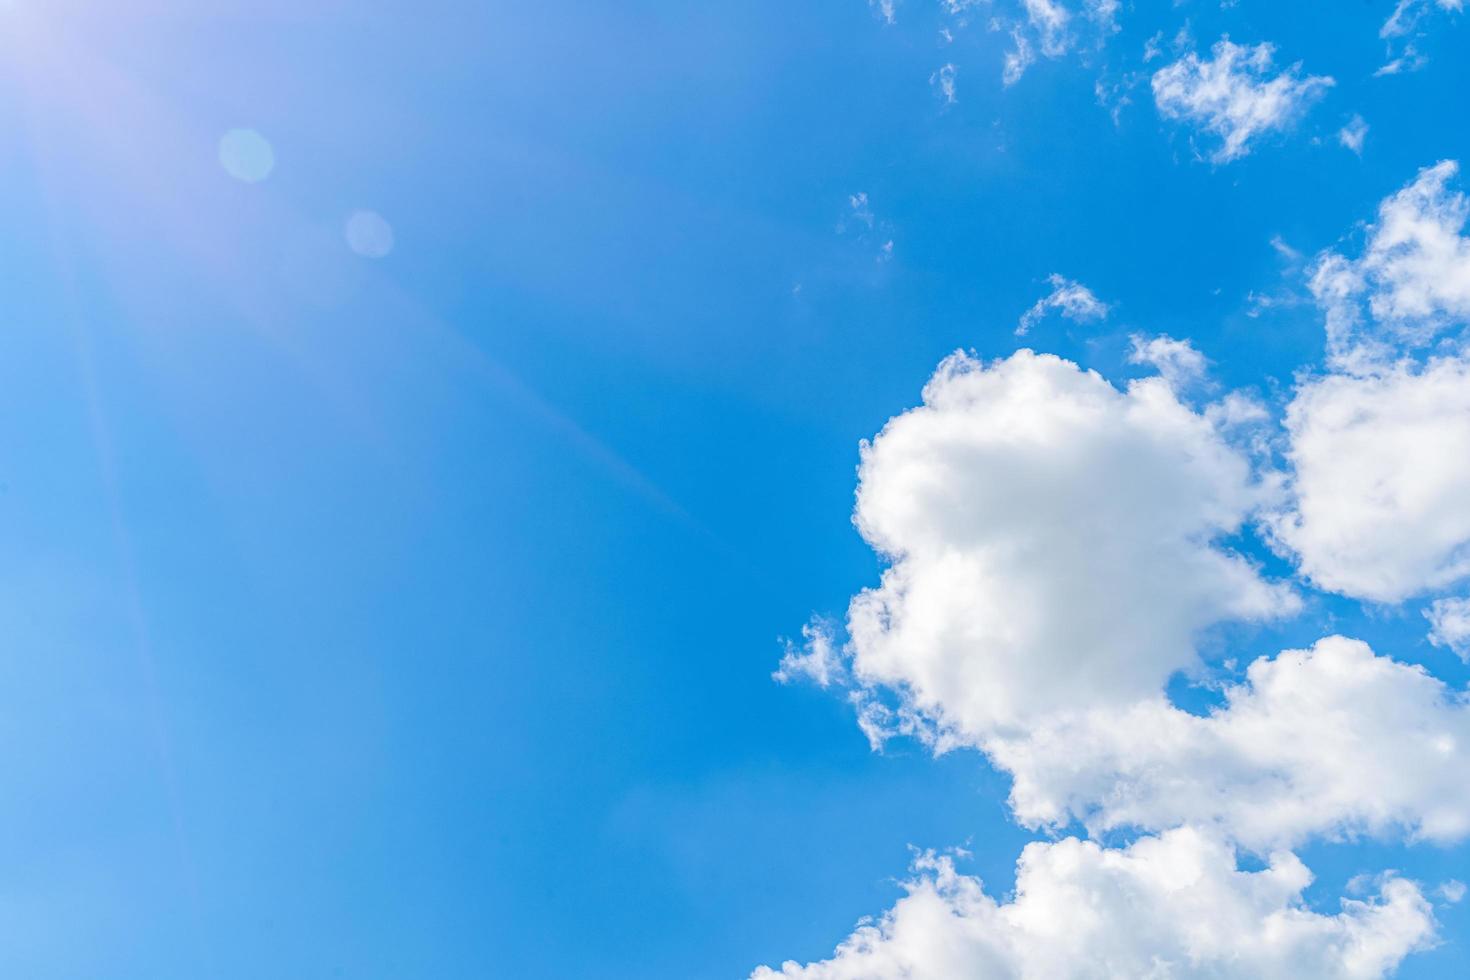 céu azul com nuvens brancas em tempo ensolarado foto